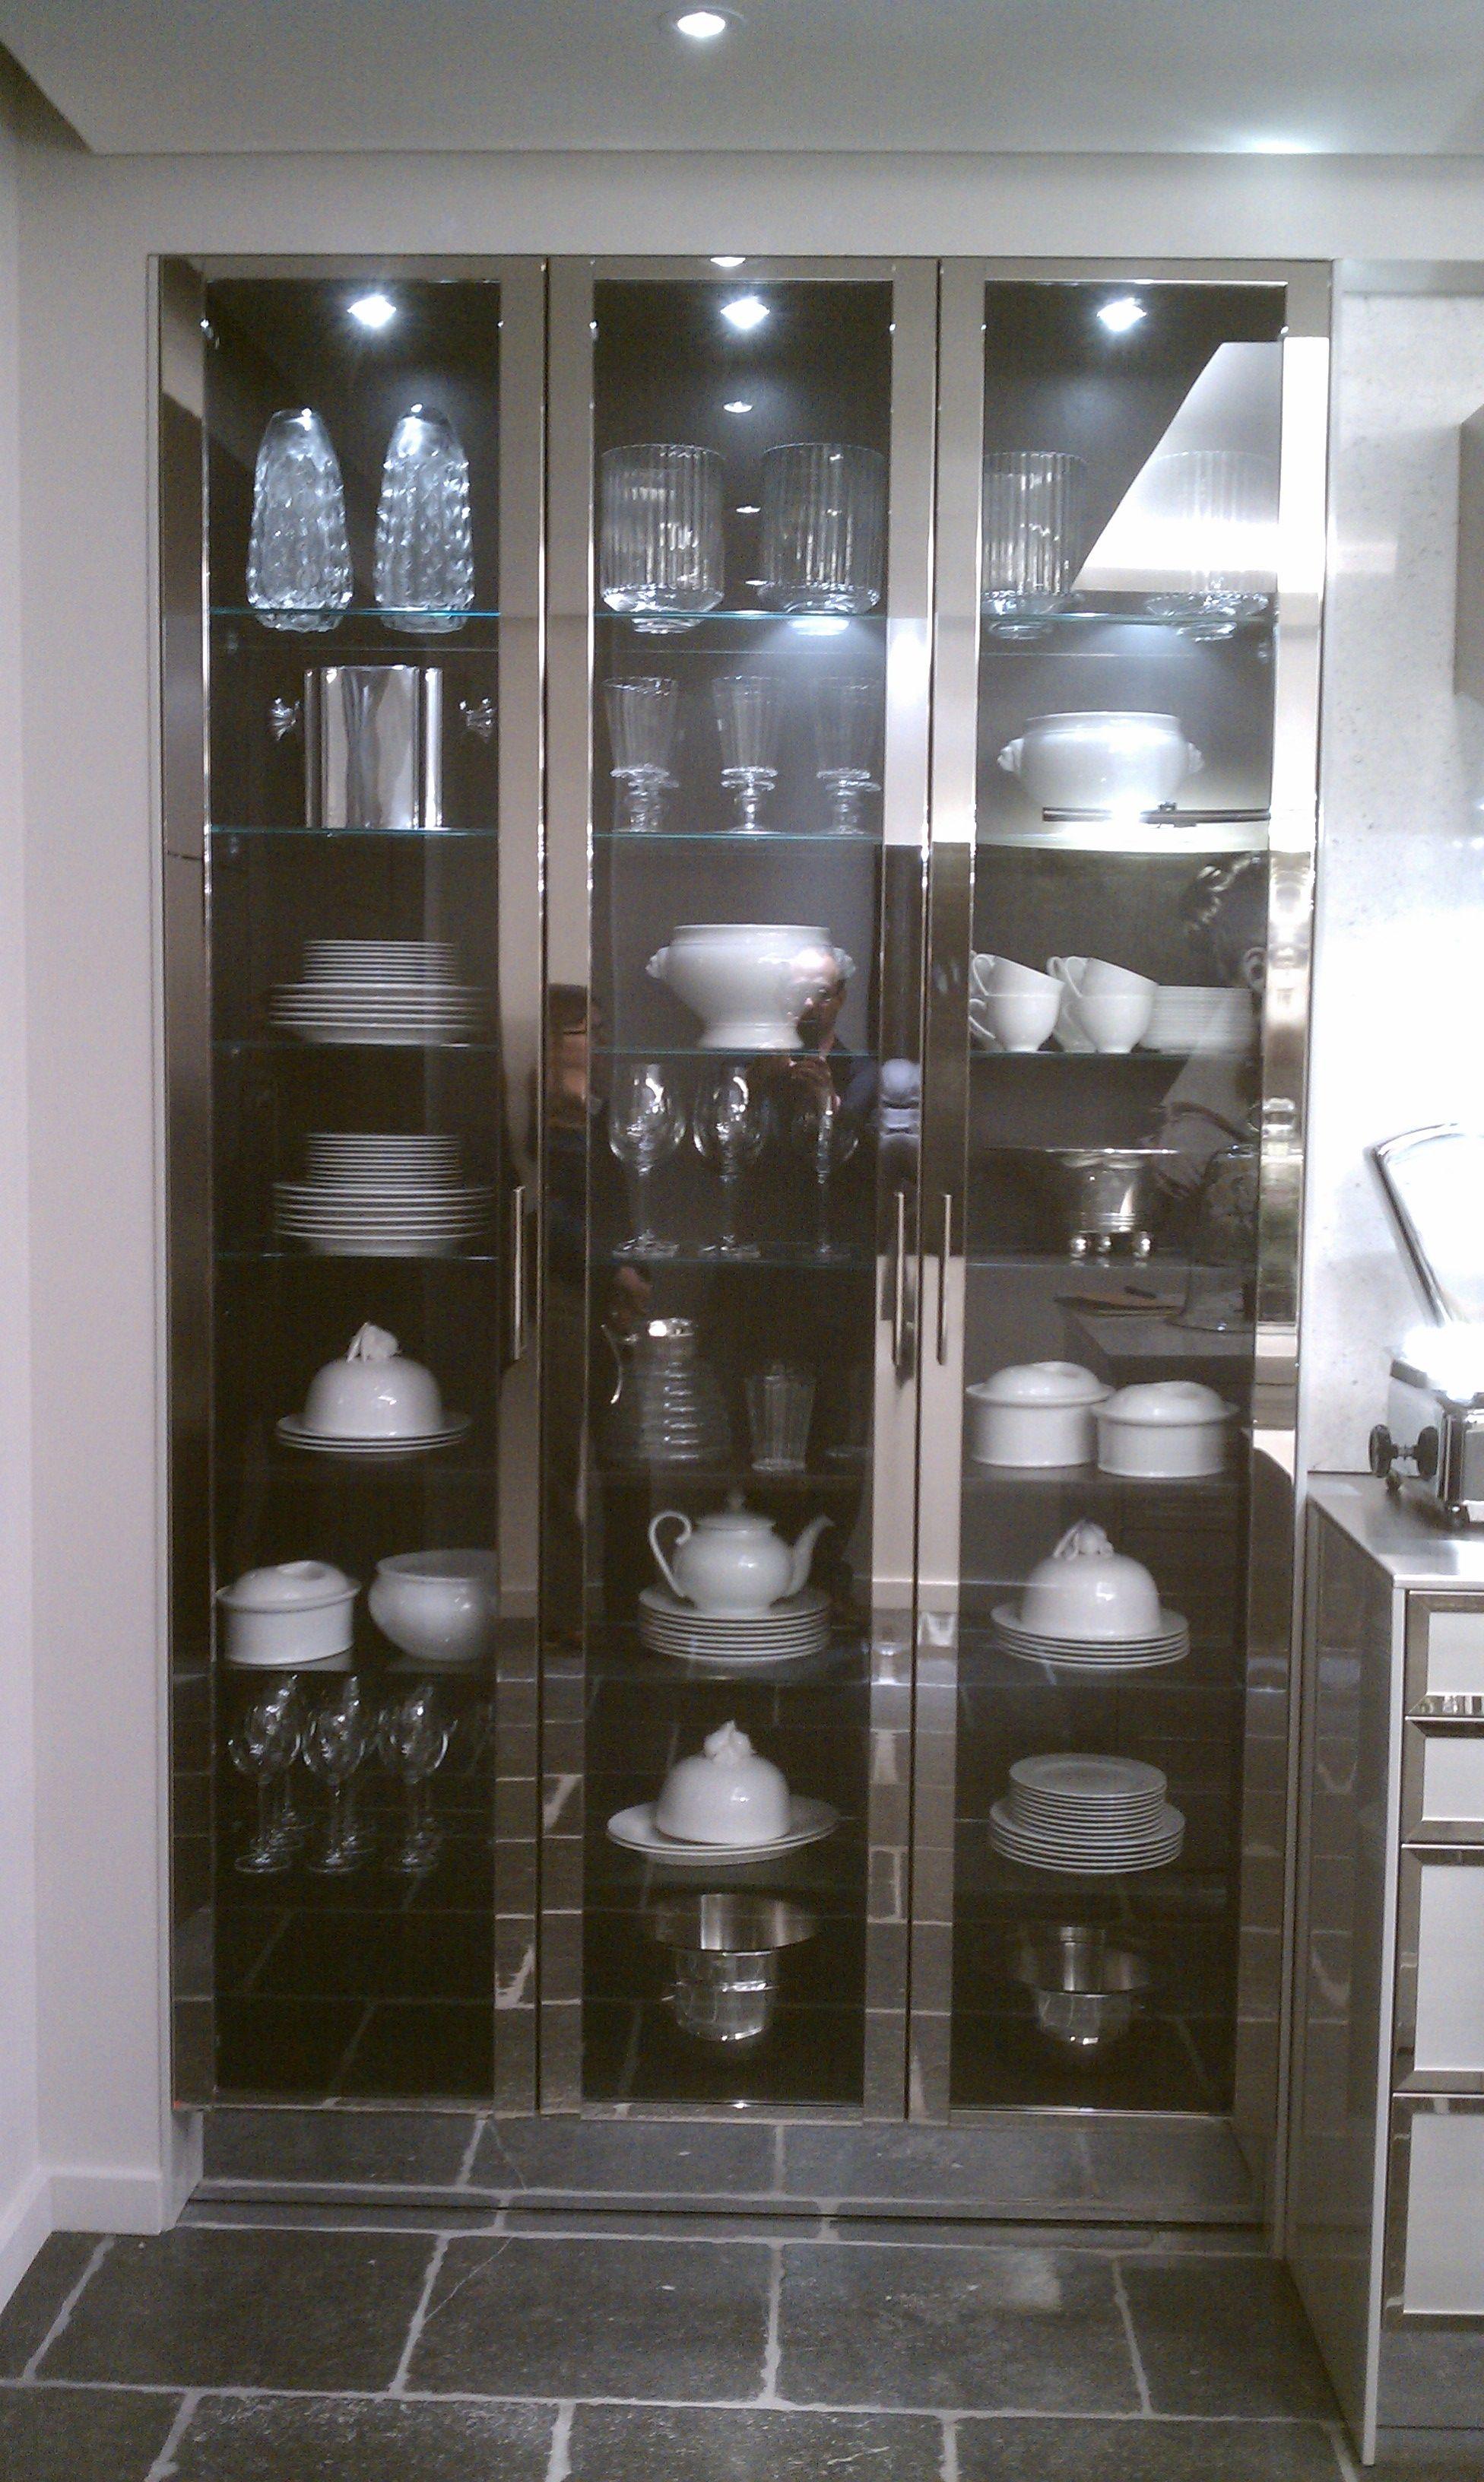 SieMatic Haus Fair 2011 Highlights. Stainless Steel CabinetsKitchen  PantryKitchen ...